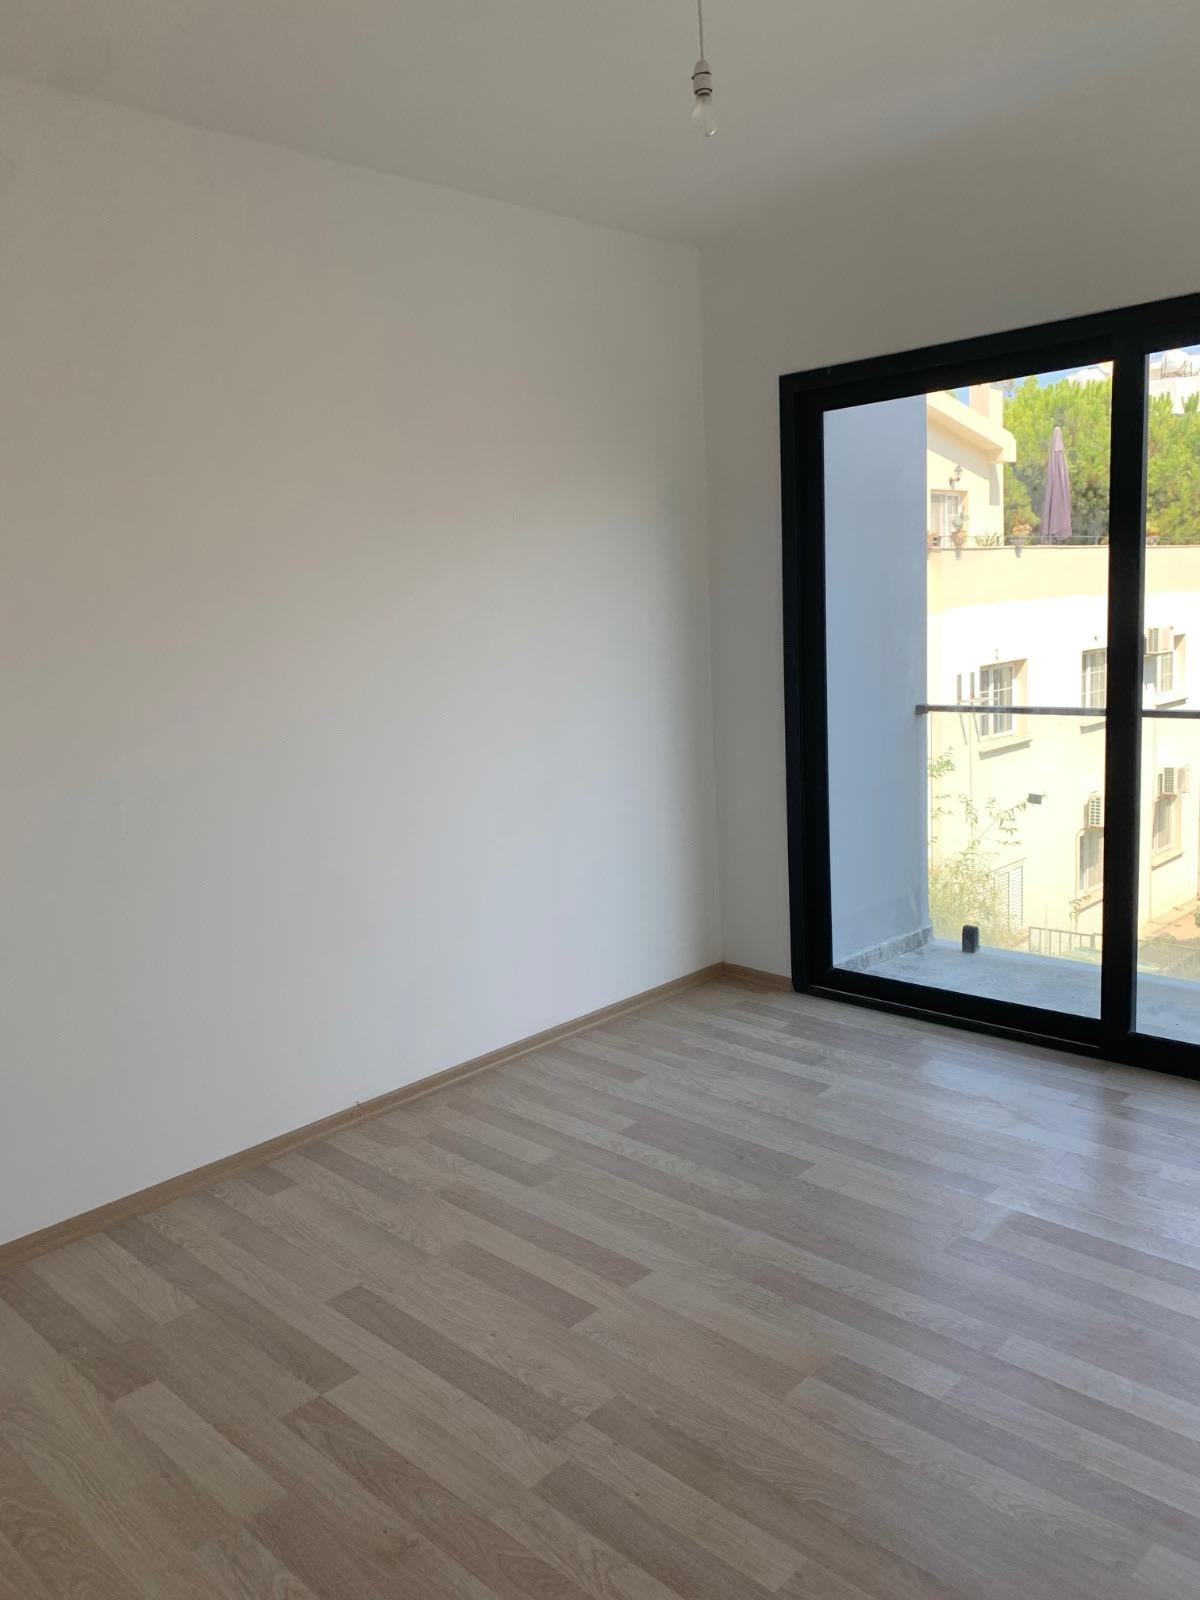 Nusmar yakını kiralık komple bina 2+1 eşyasız 13 daire 5200 STG / 0548 823 96 10 8951